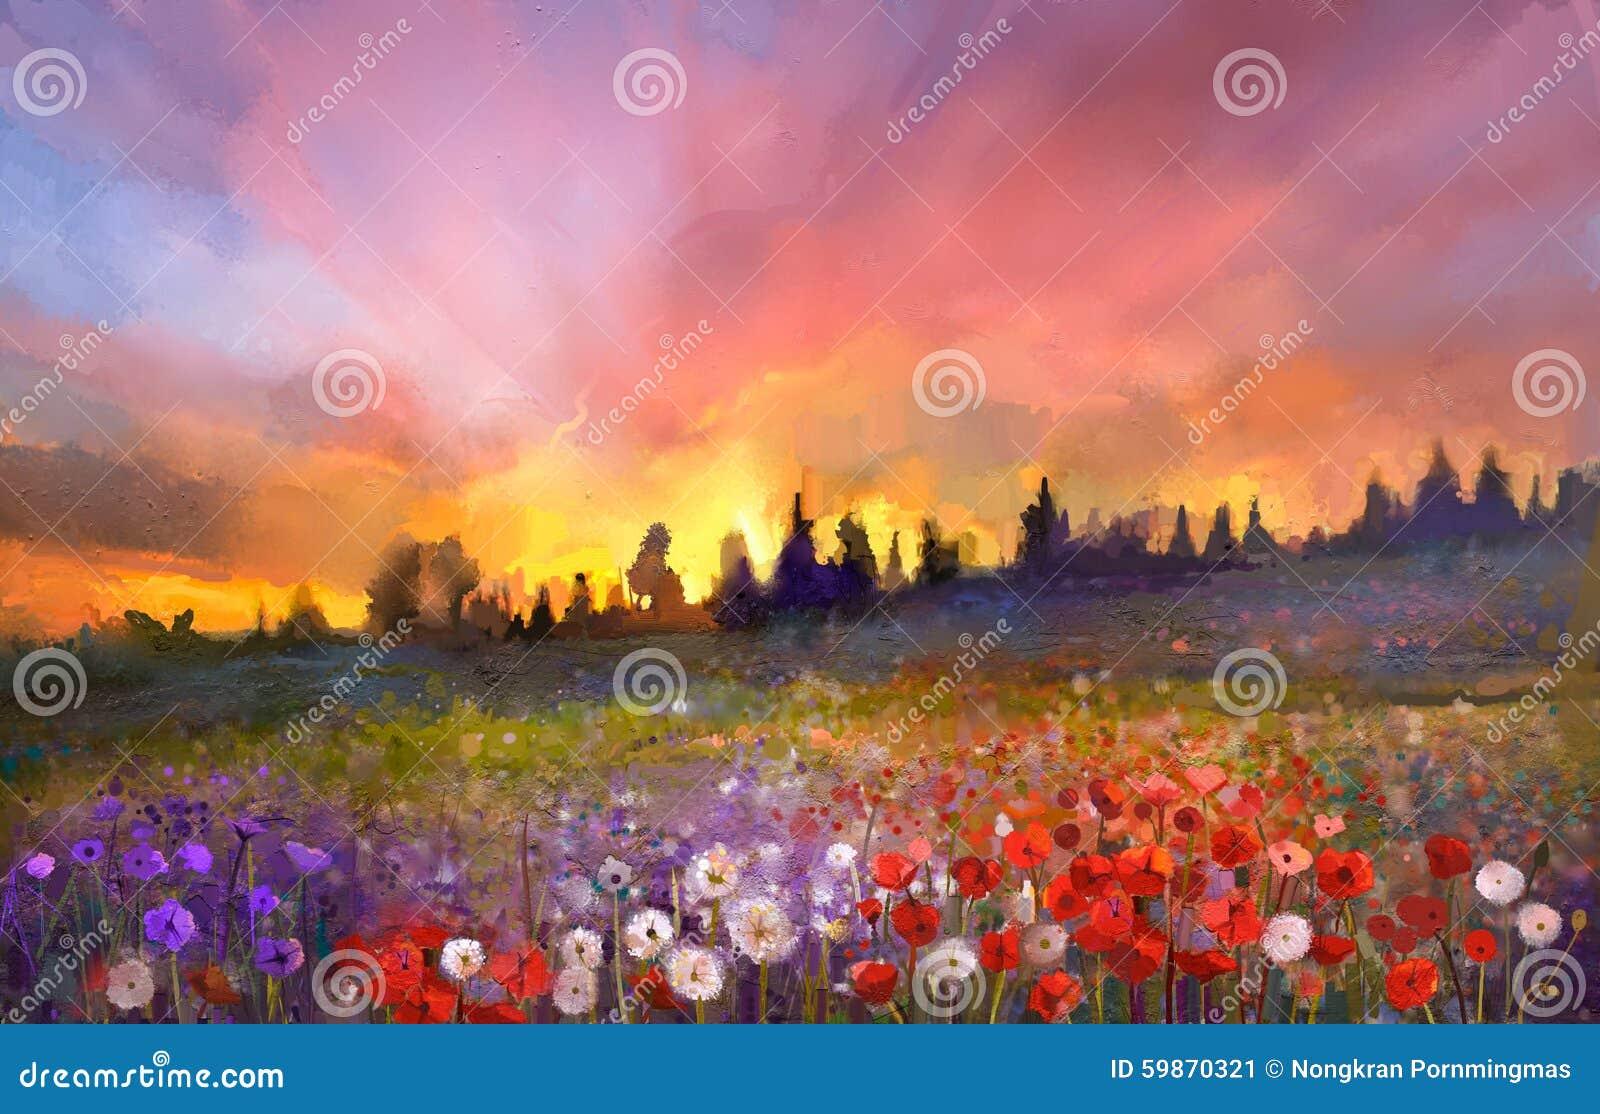 La amapola de la pintura al óleo, diente de león, margarita florece en campos